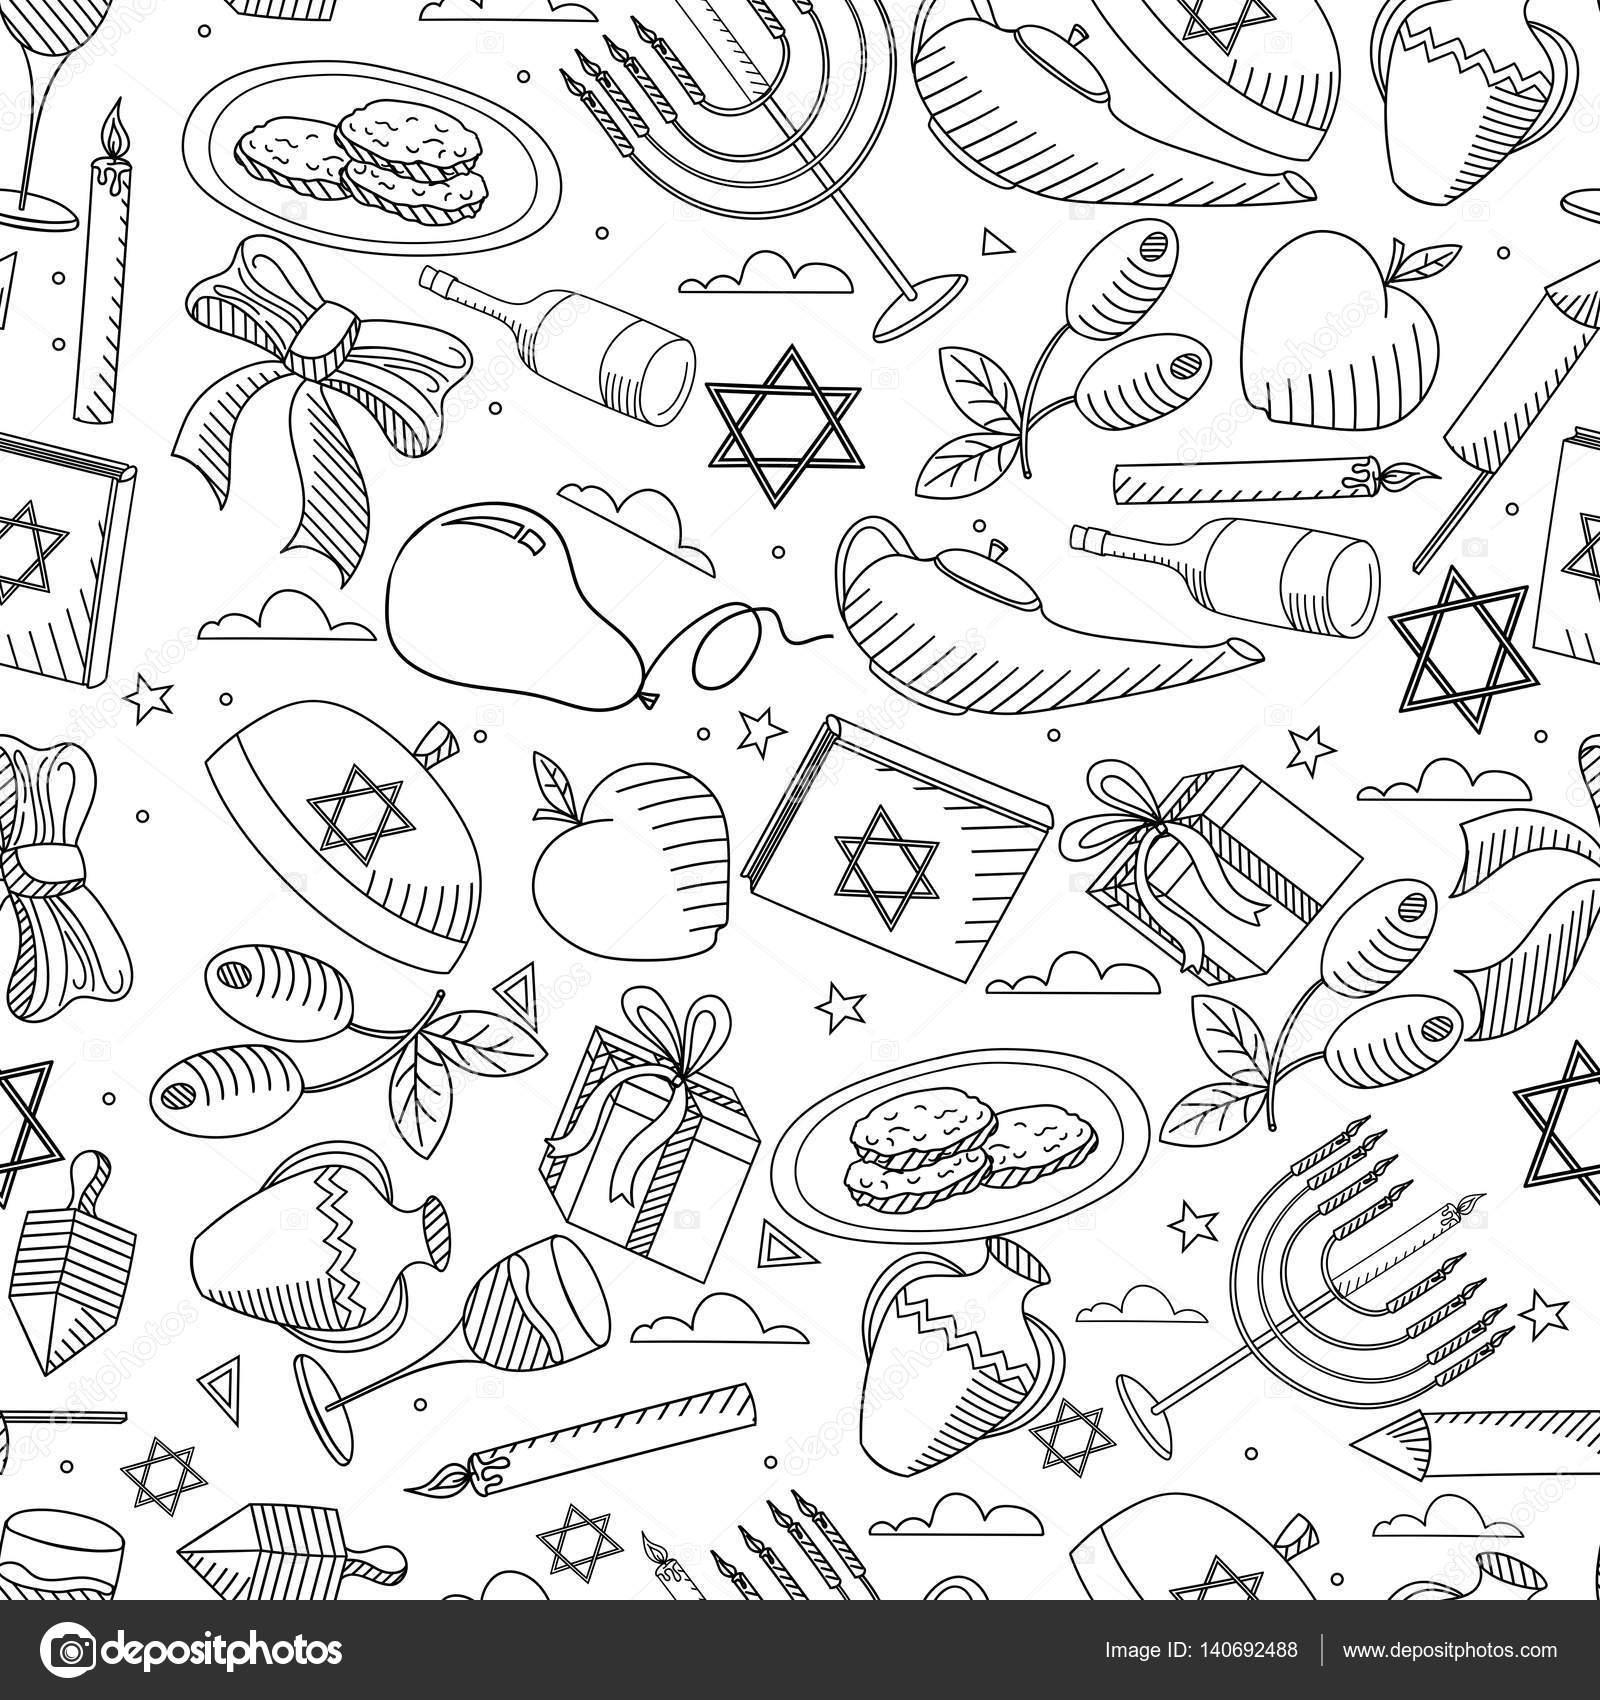 Hanukkah línea diseño vector ilustración inconsútil para colorear ...